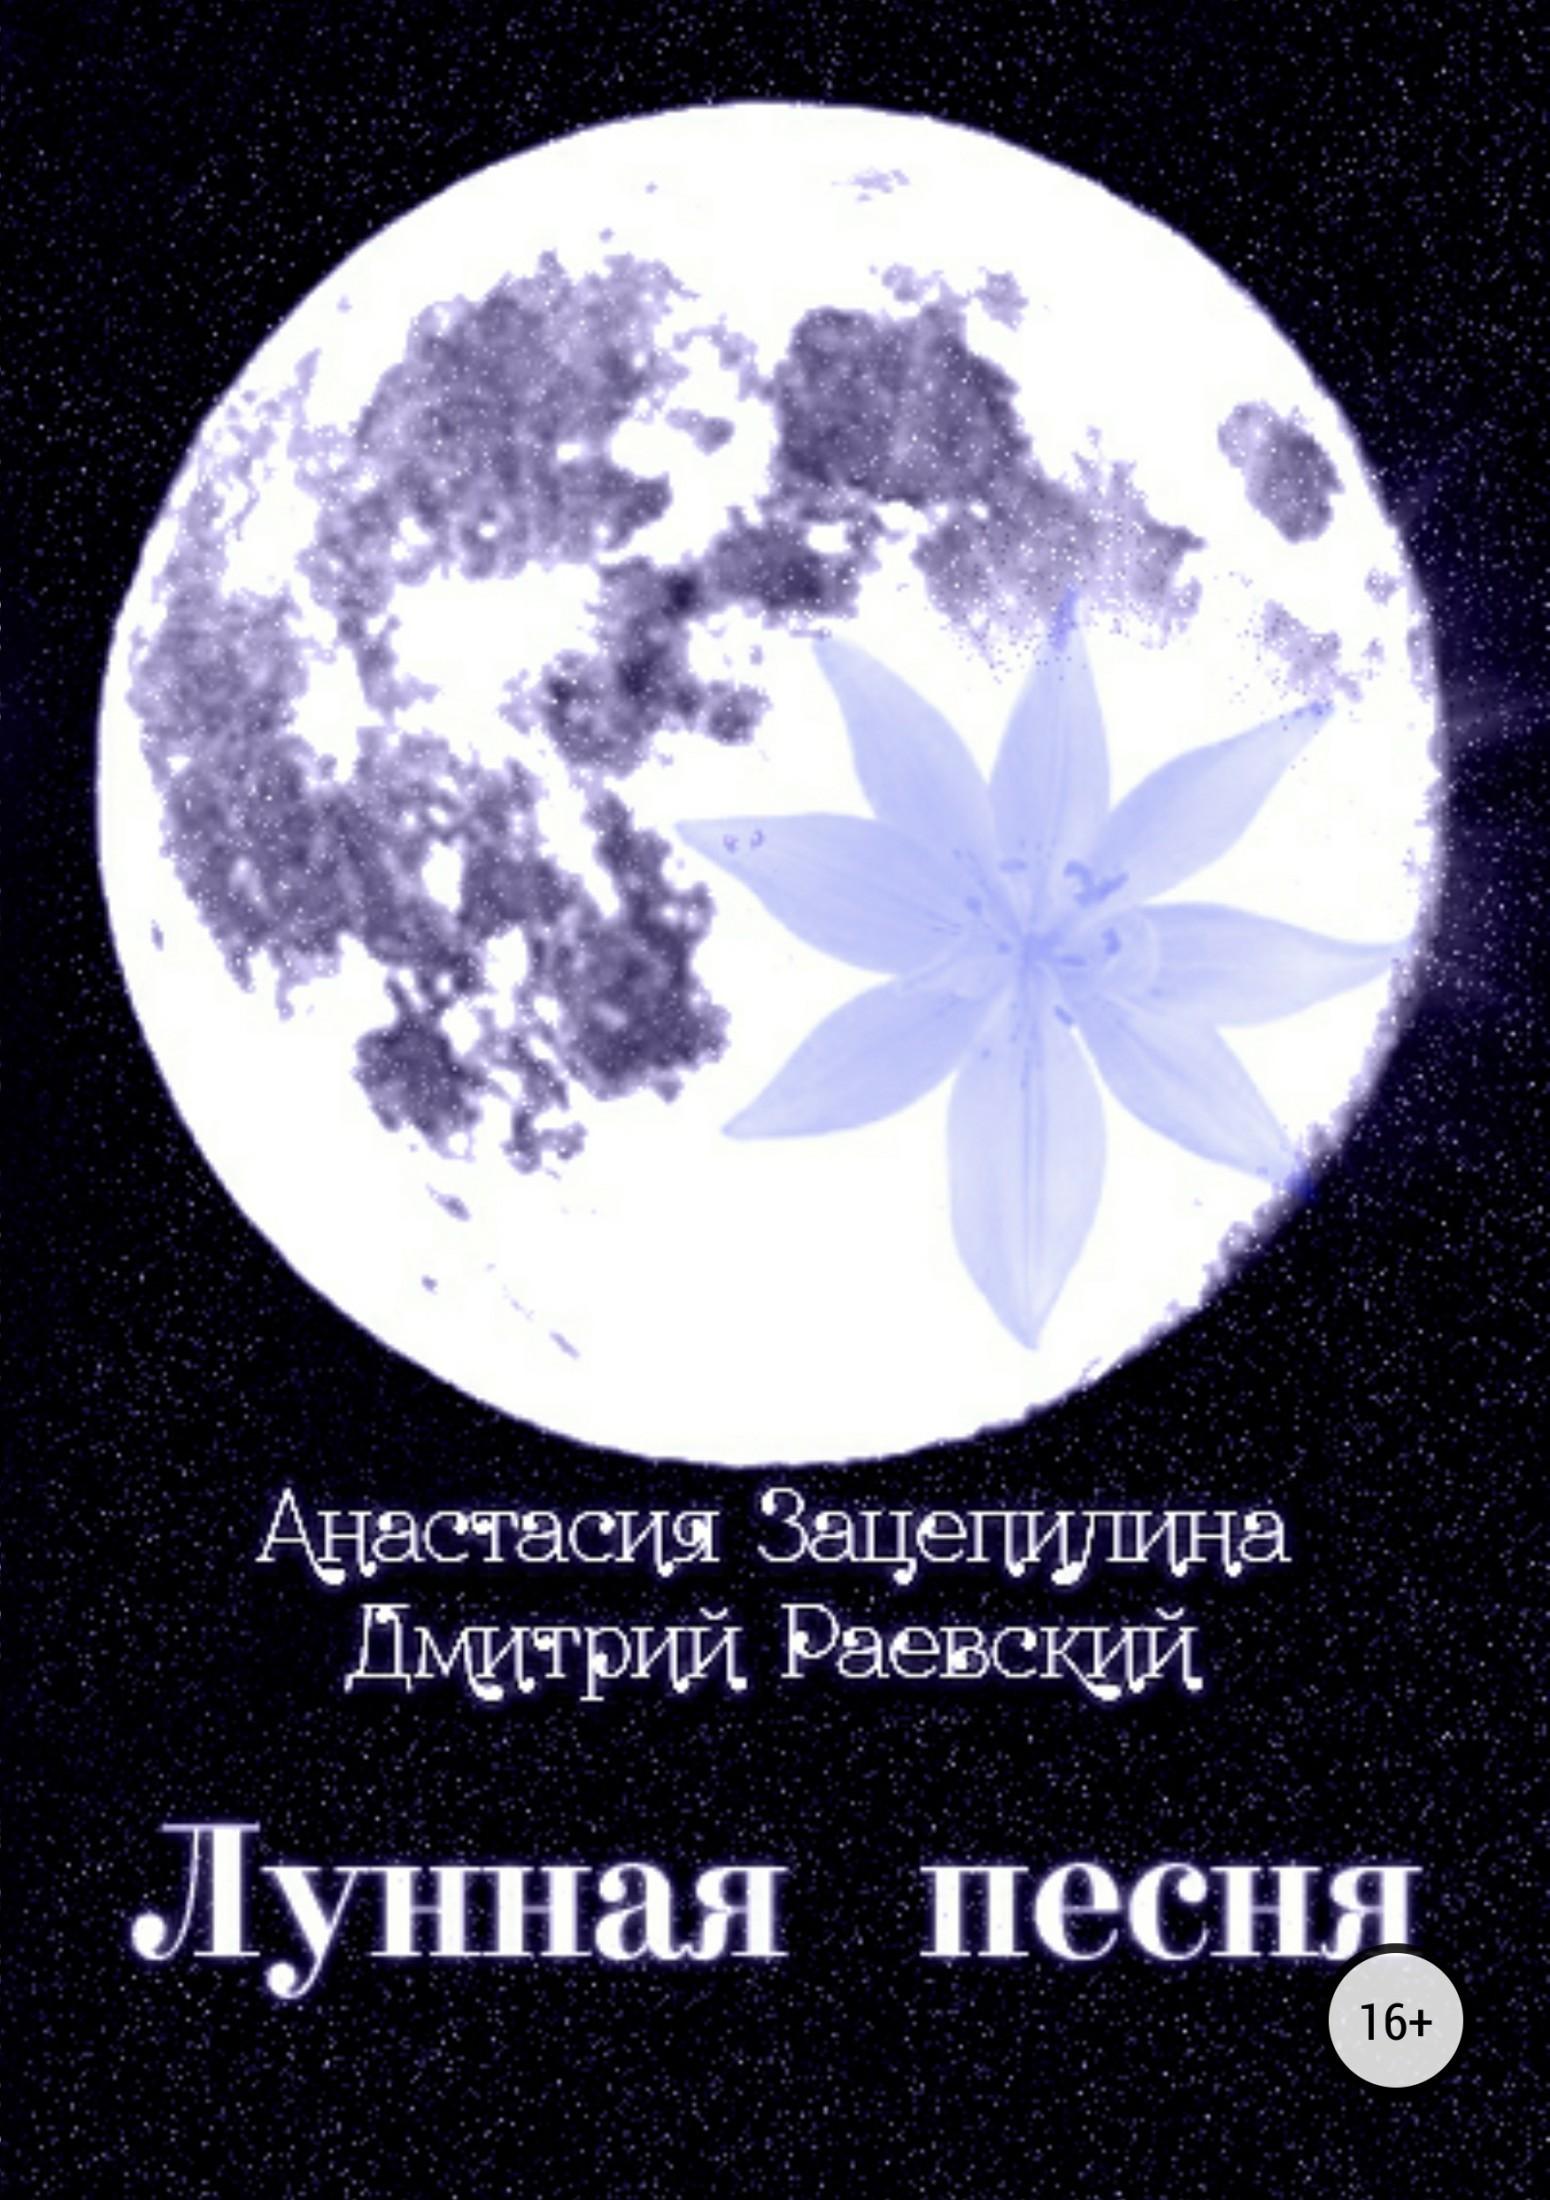 Дмитрий Раевский Лунная песня. Сборник стихотворений блатная песня сборник